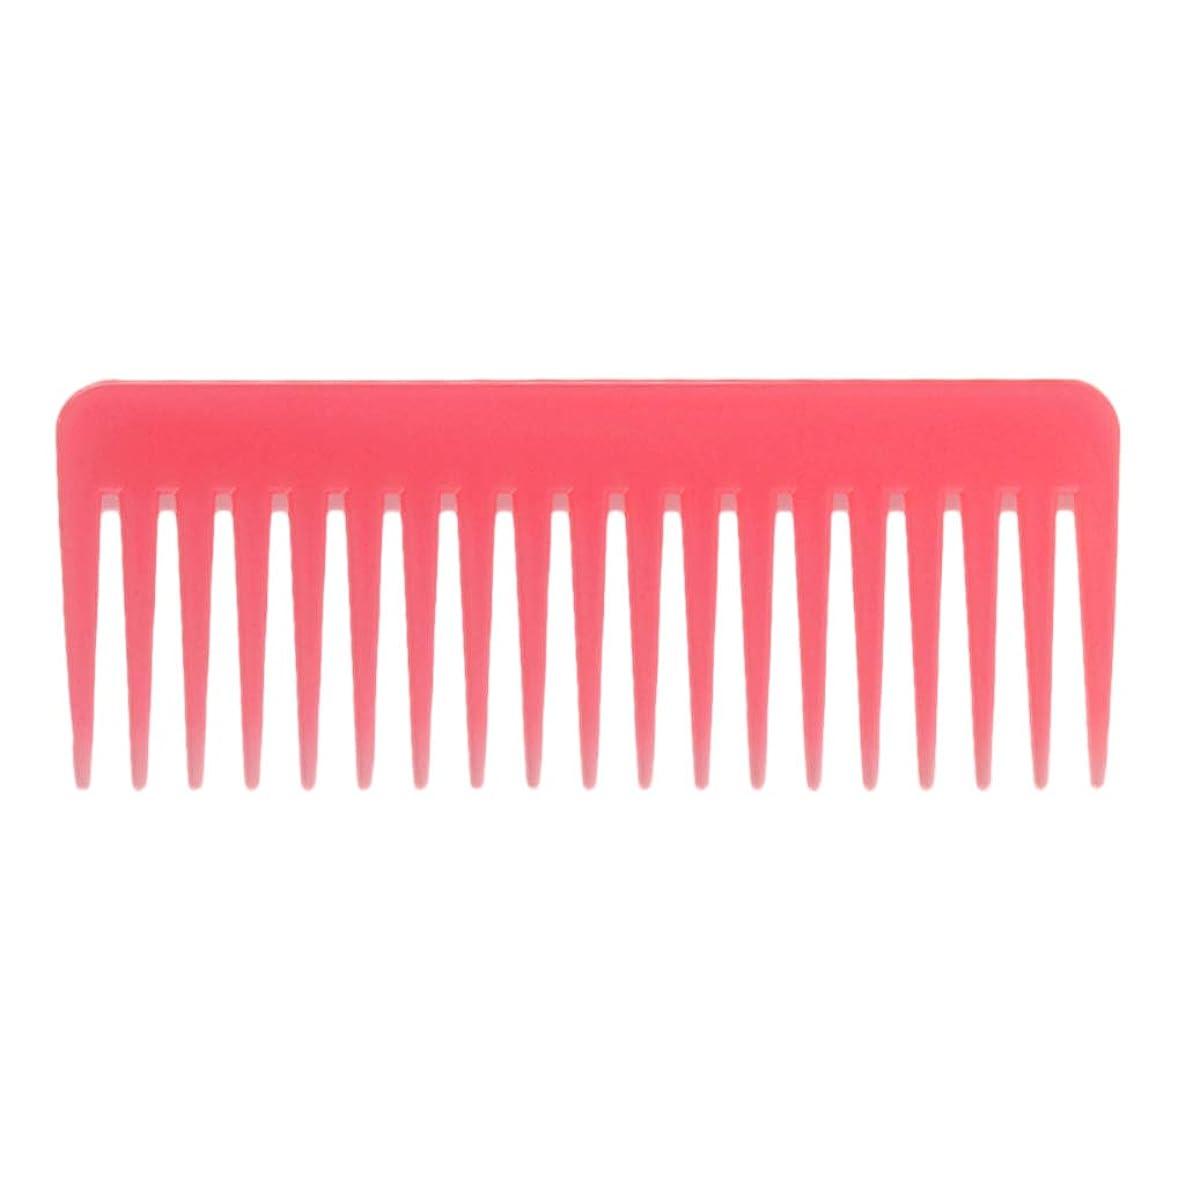 フルーティーいたずらな絞る巻き毛の太い髪用の広い歯のもつれのくしサロンシャンプーヘアブラシくし、6.1 ' - ピンク